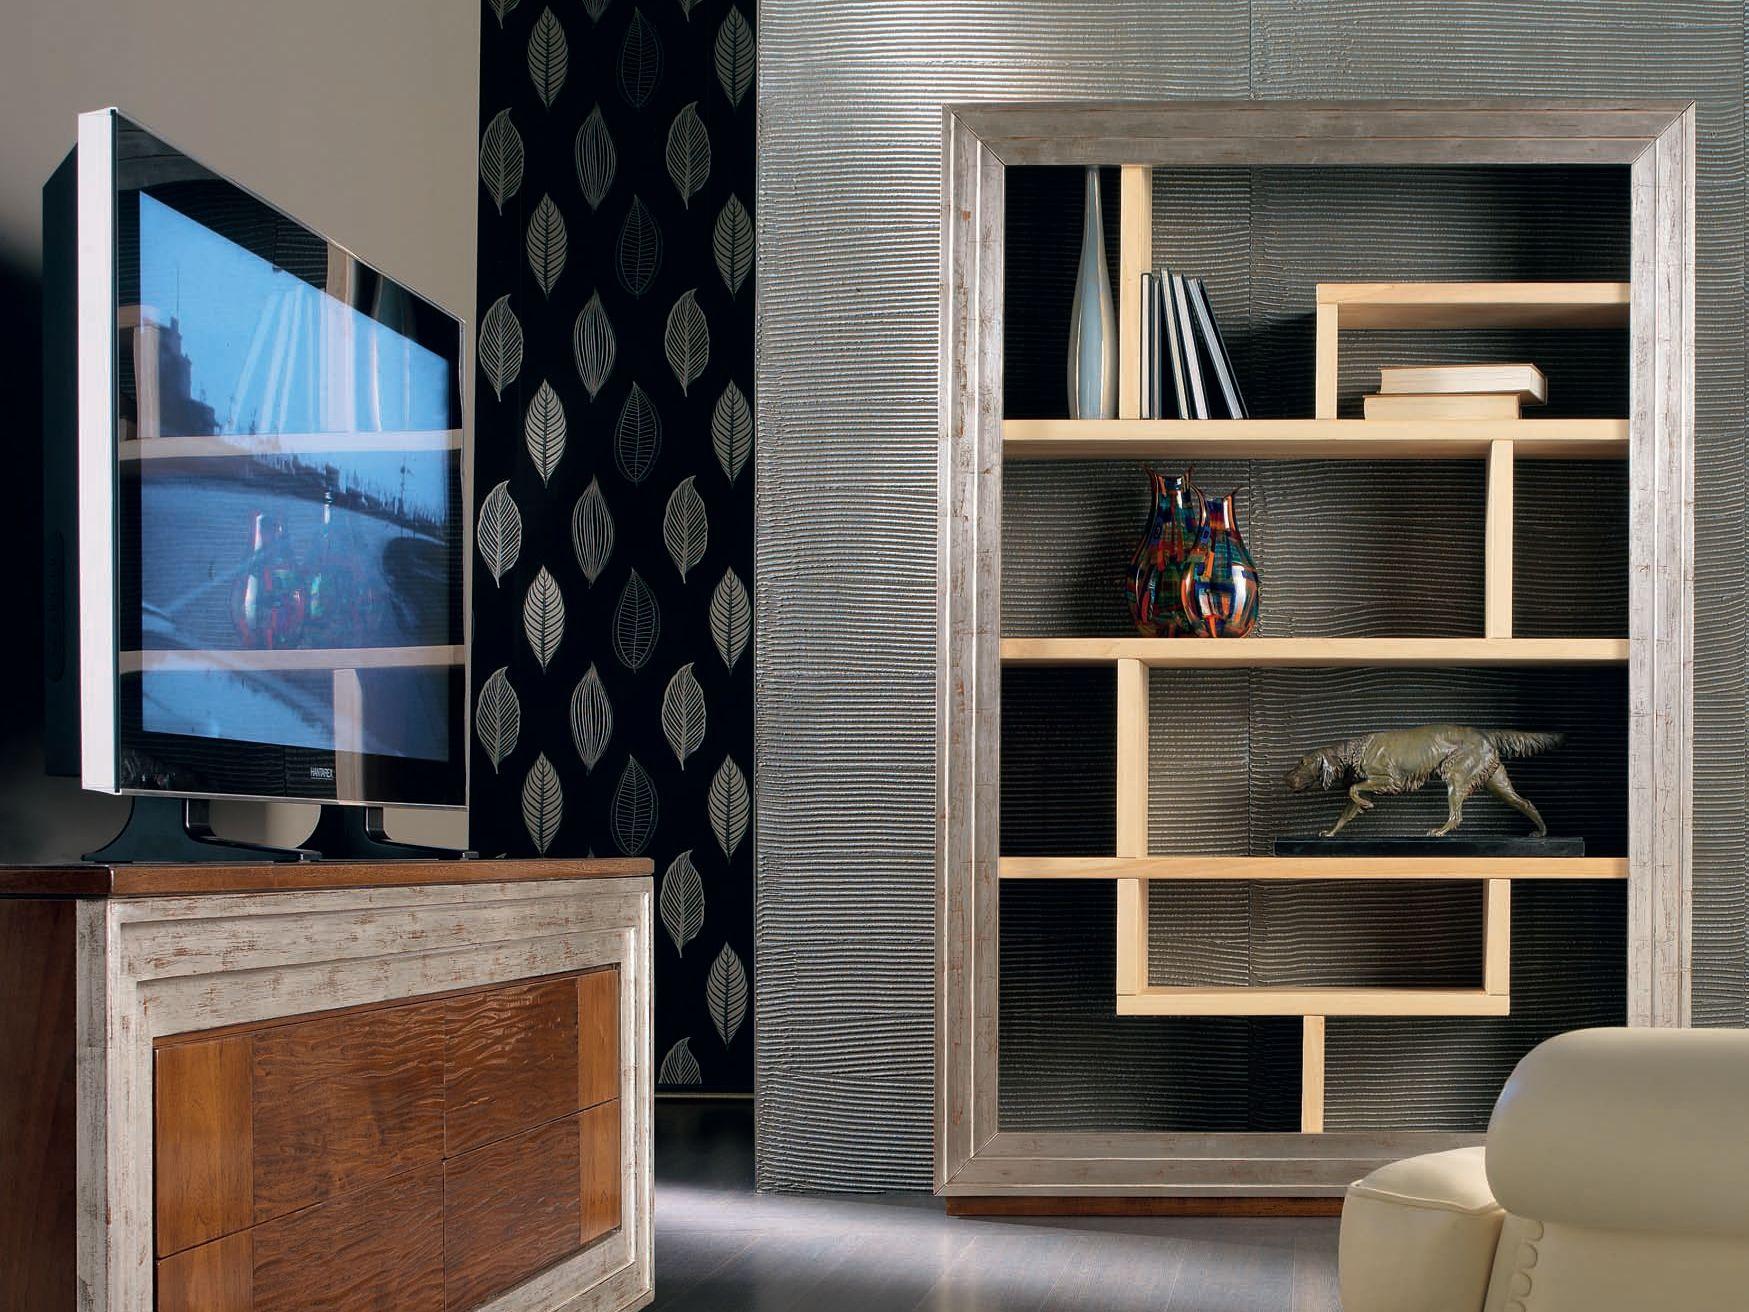 Toile day libreria foglia argento by cantiero design - Porte a parete ...